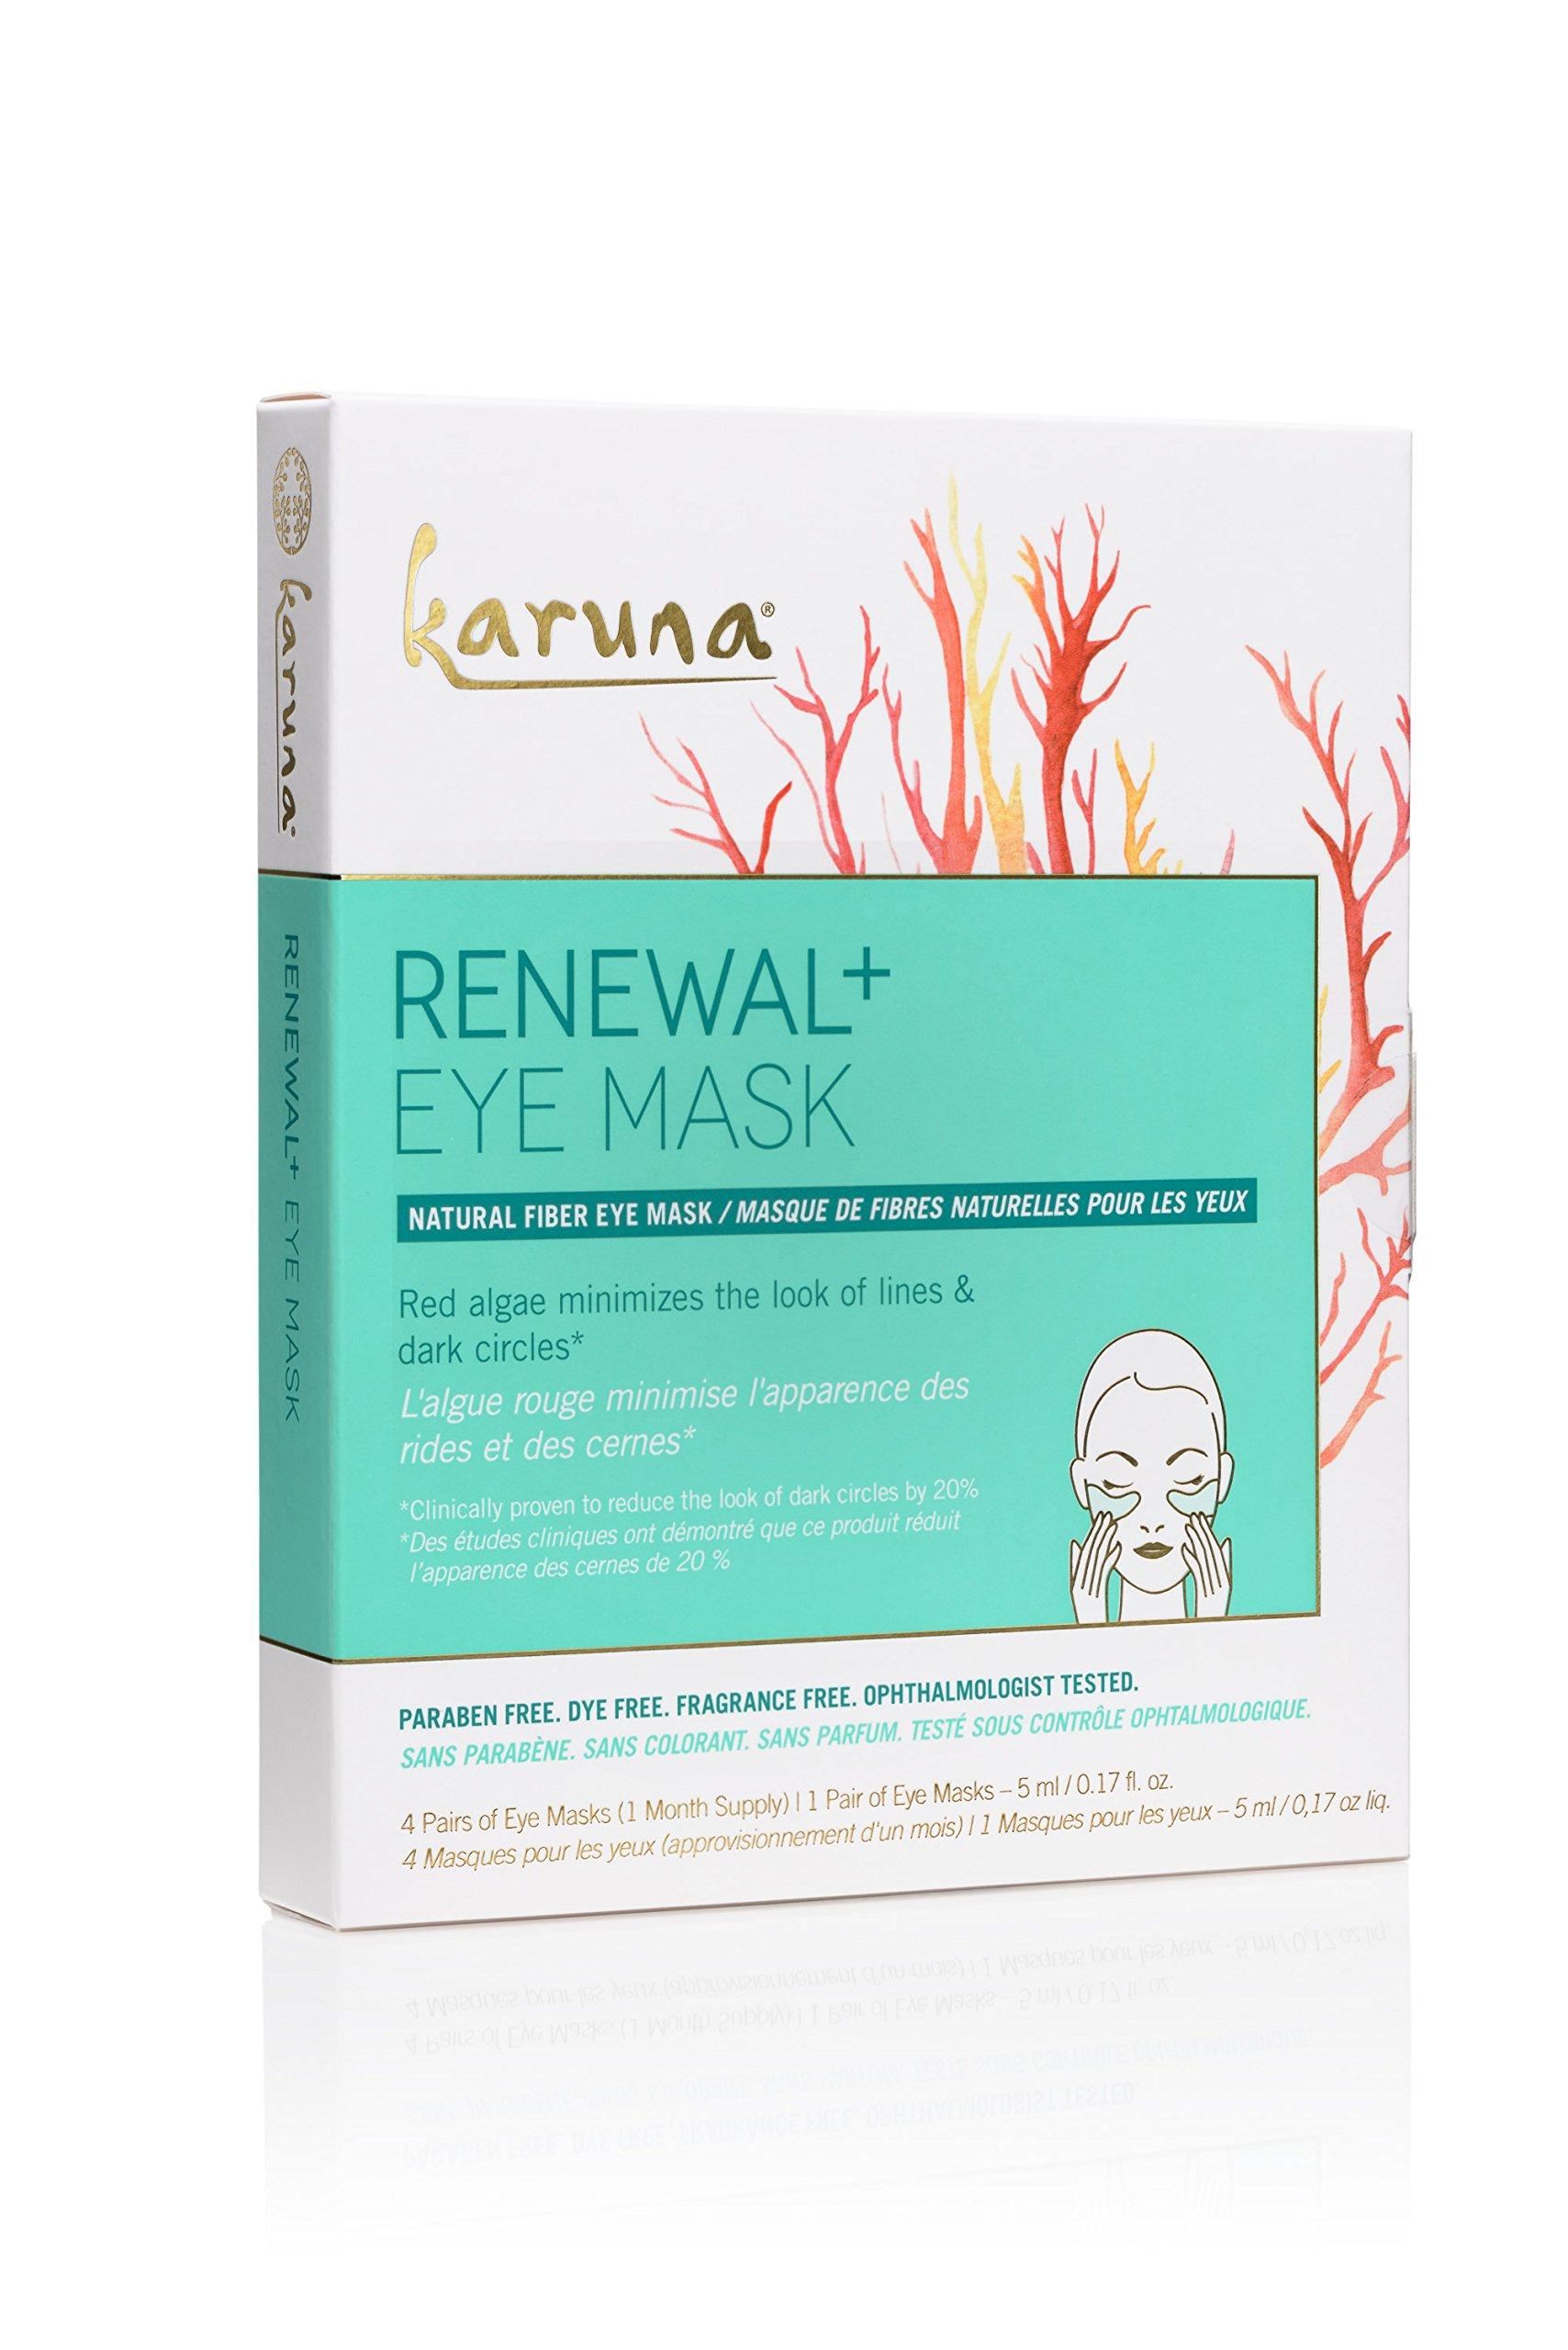 Karuna Renewal + Eye Mask